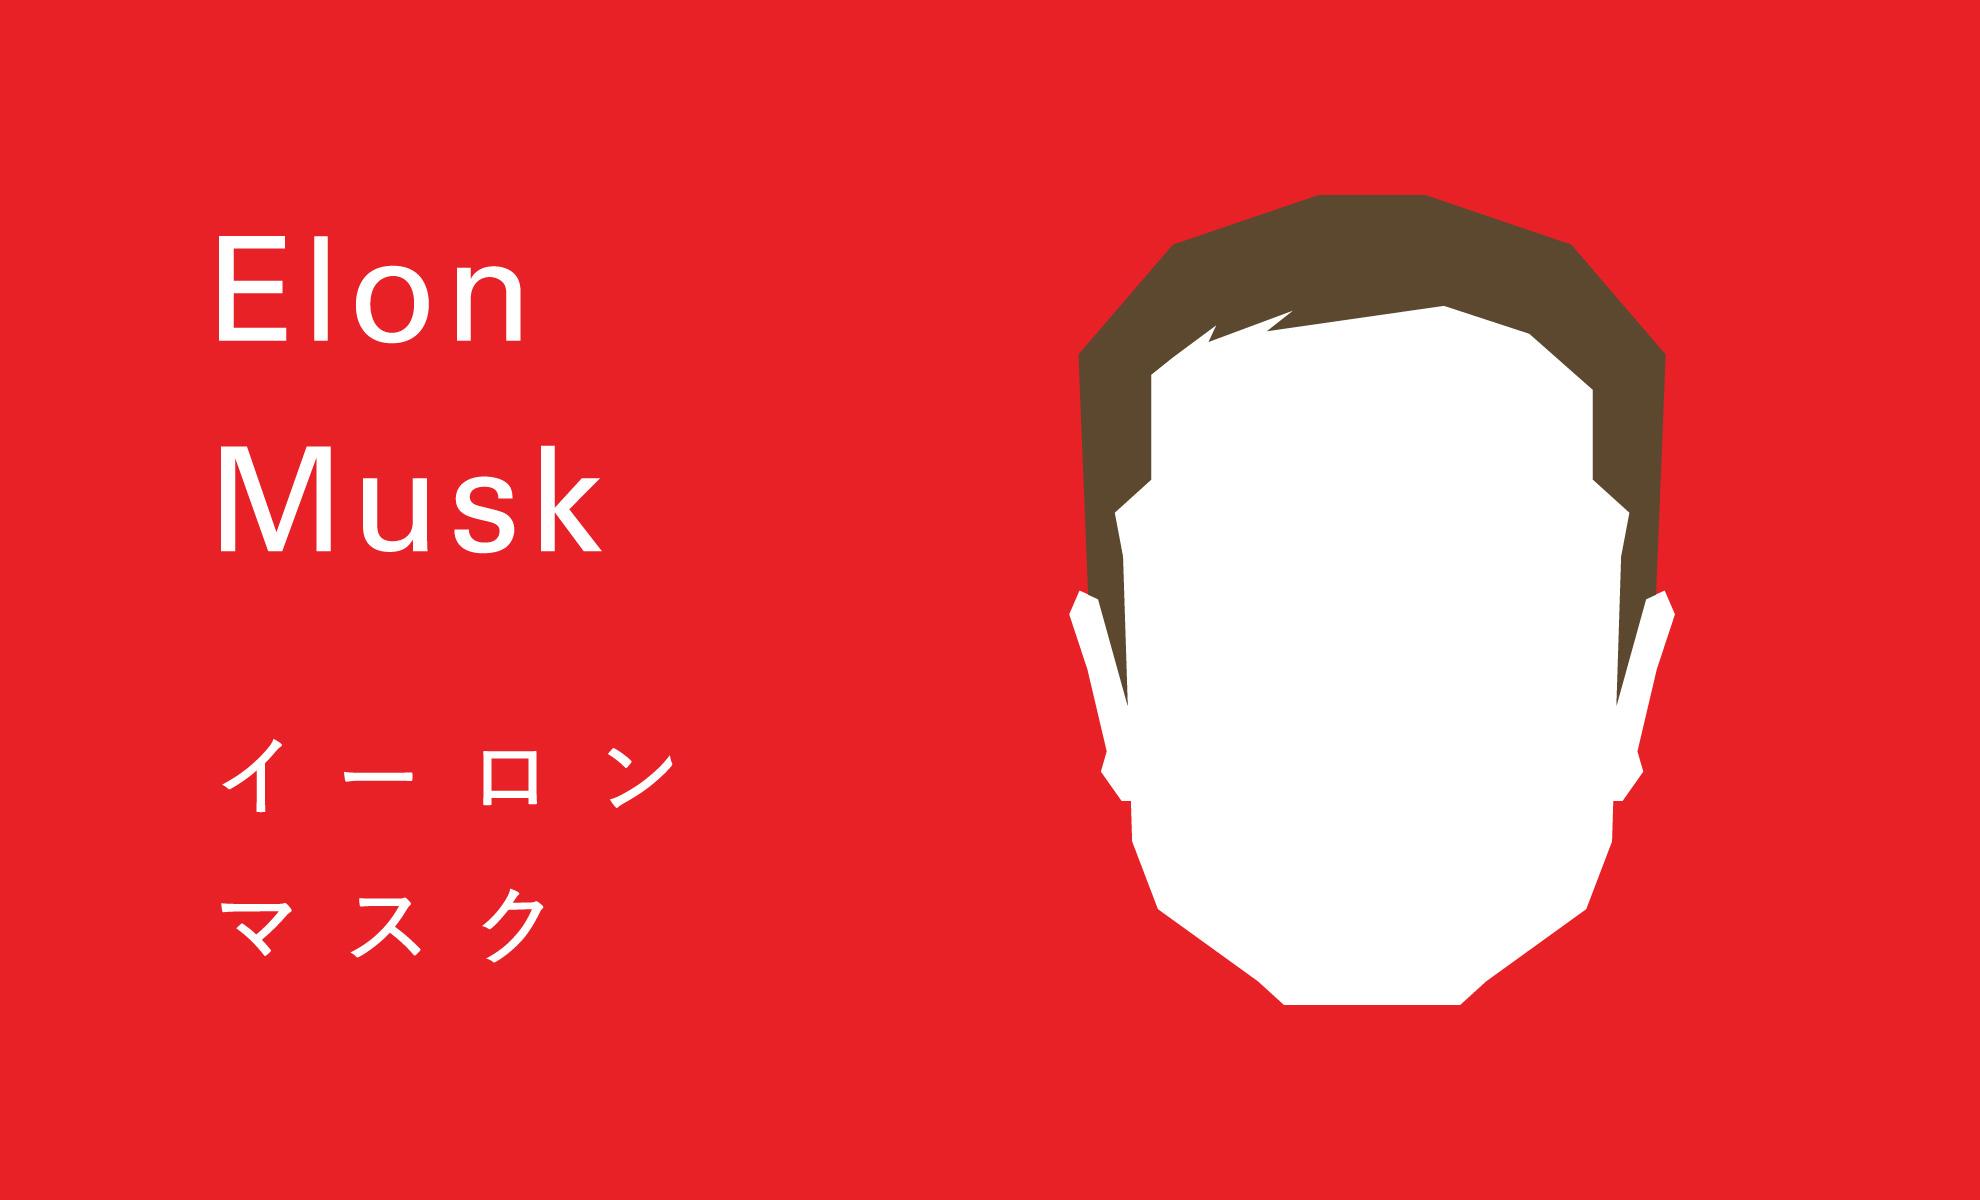 イーロン・マスクの画像